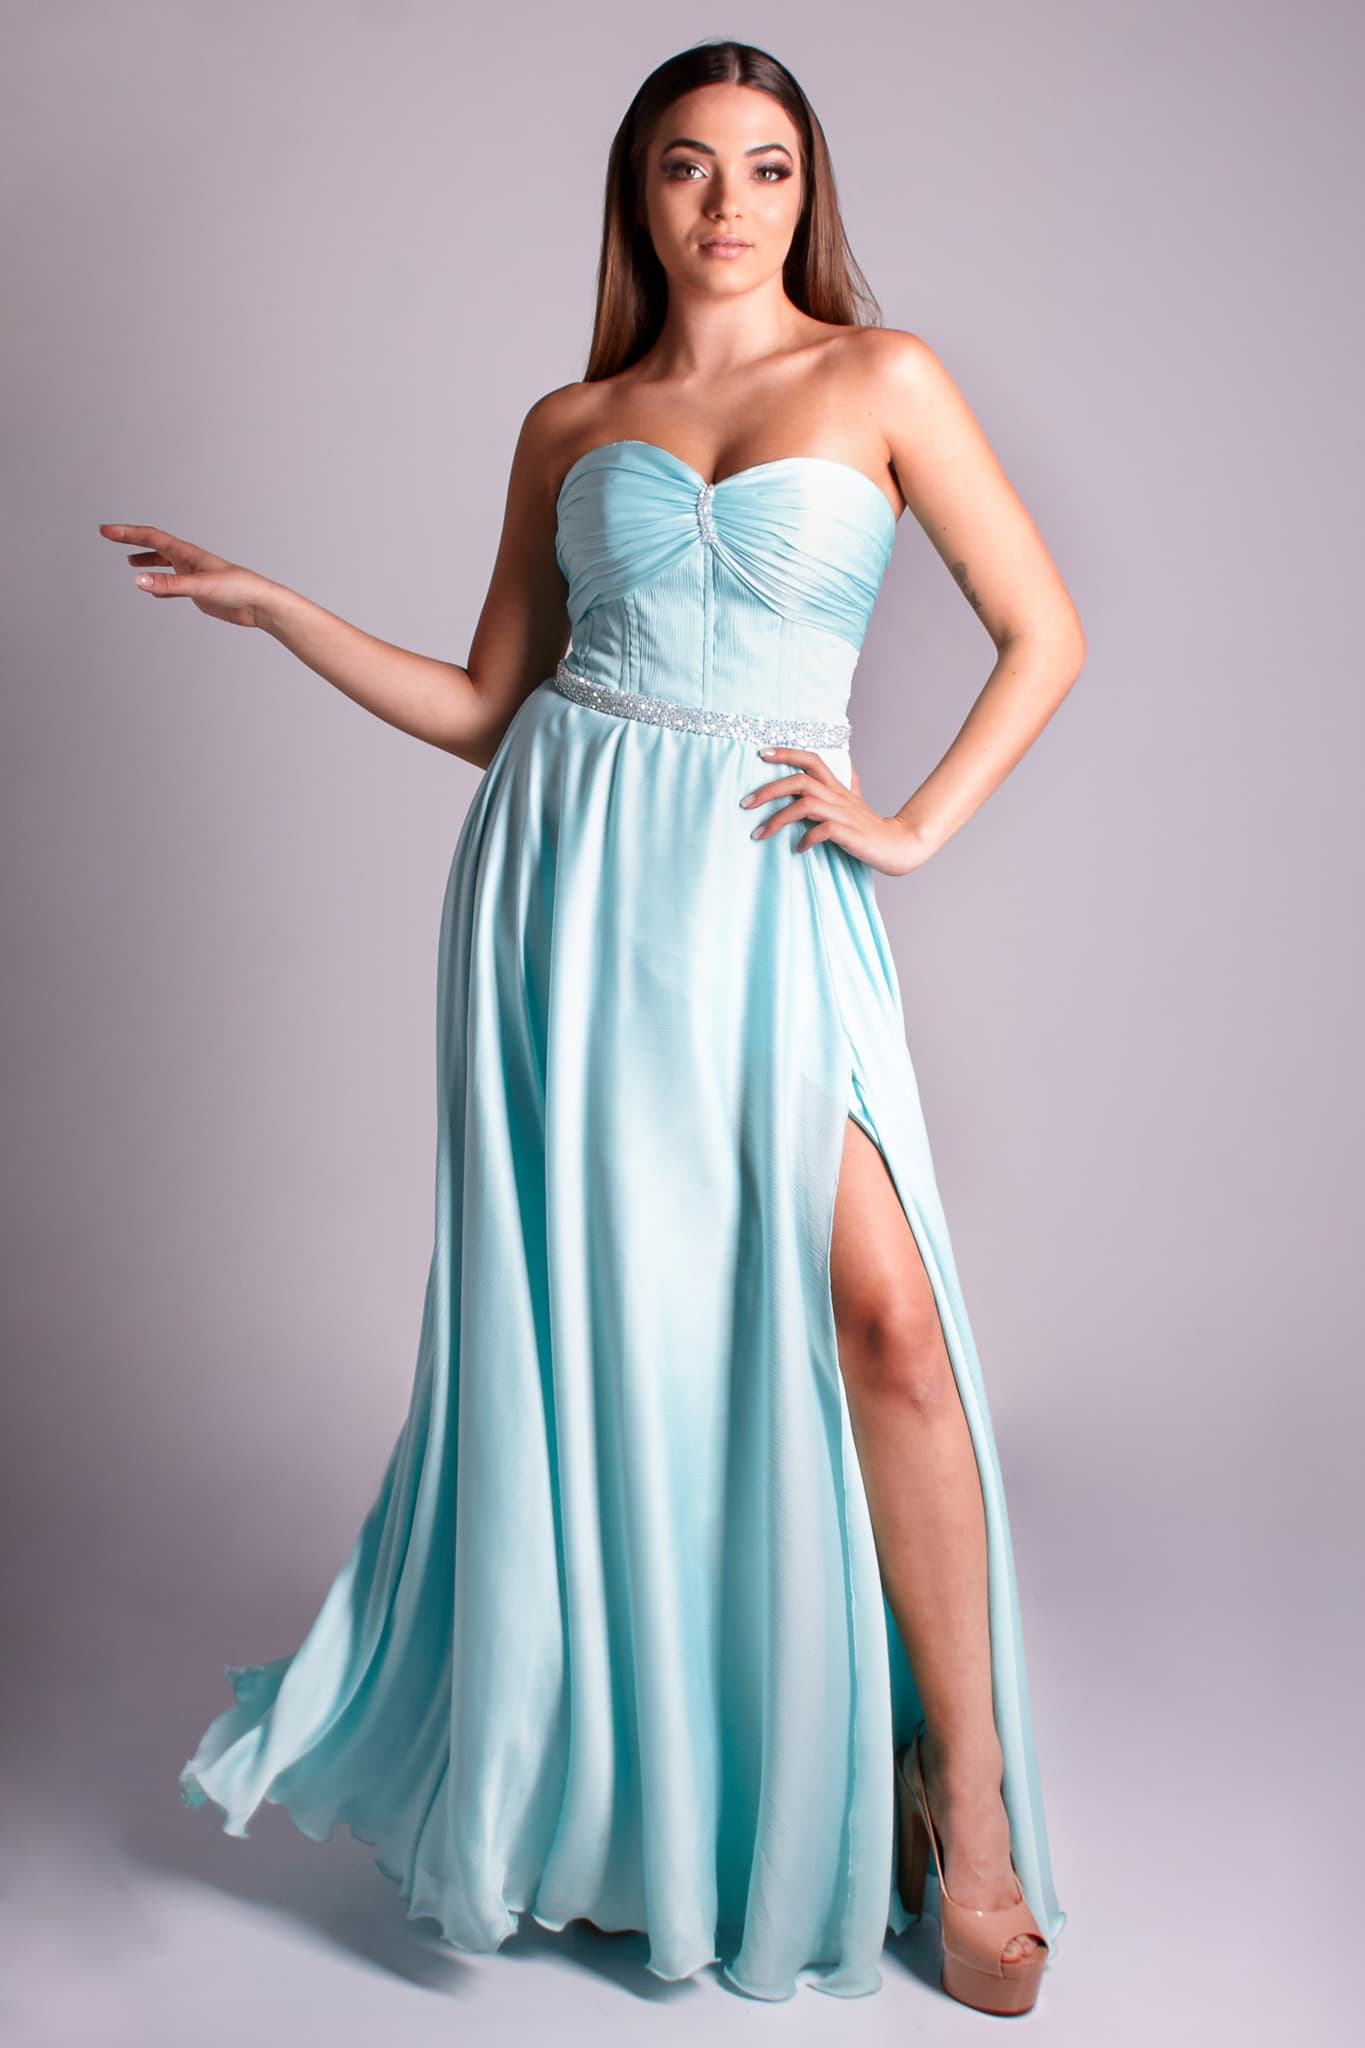 14 - vestido tiffany com busto plissado, fenda e cintinho bordado